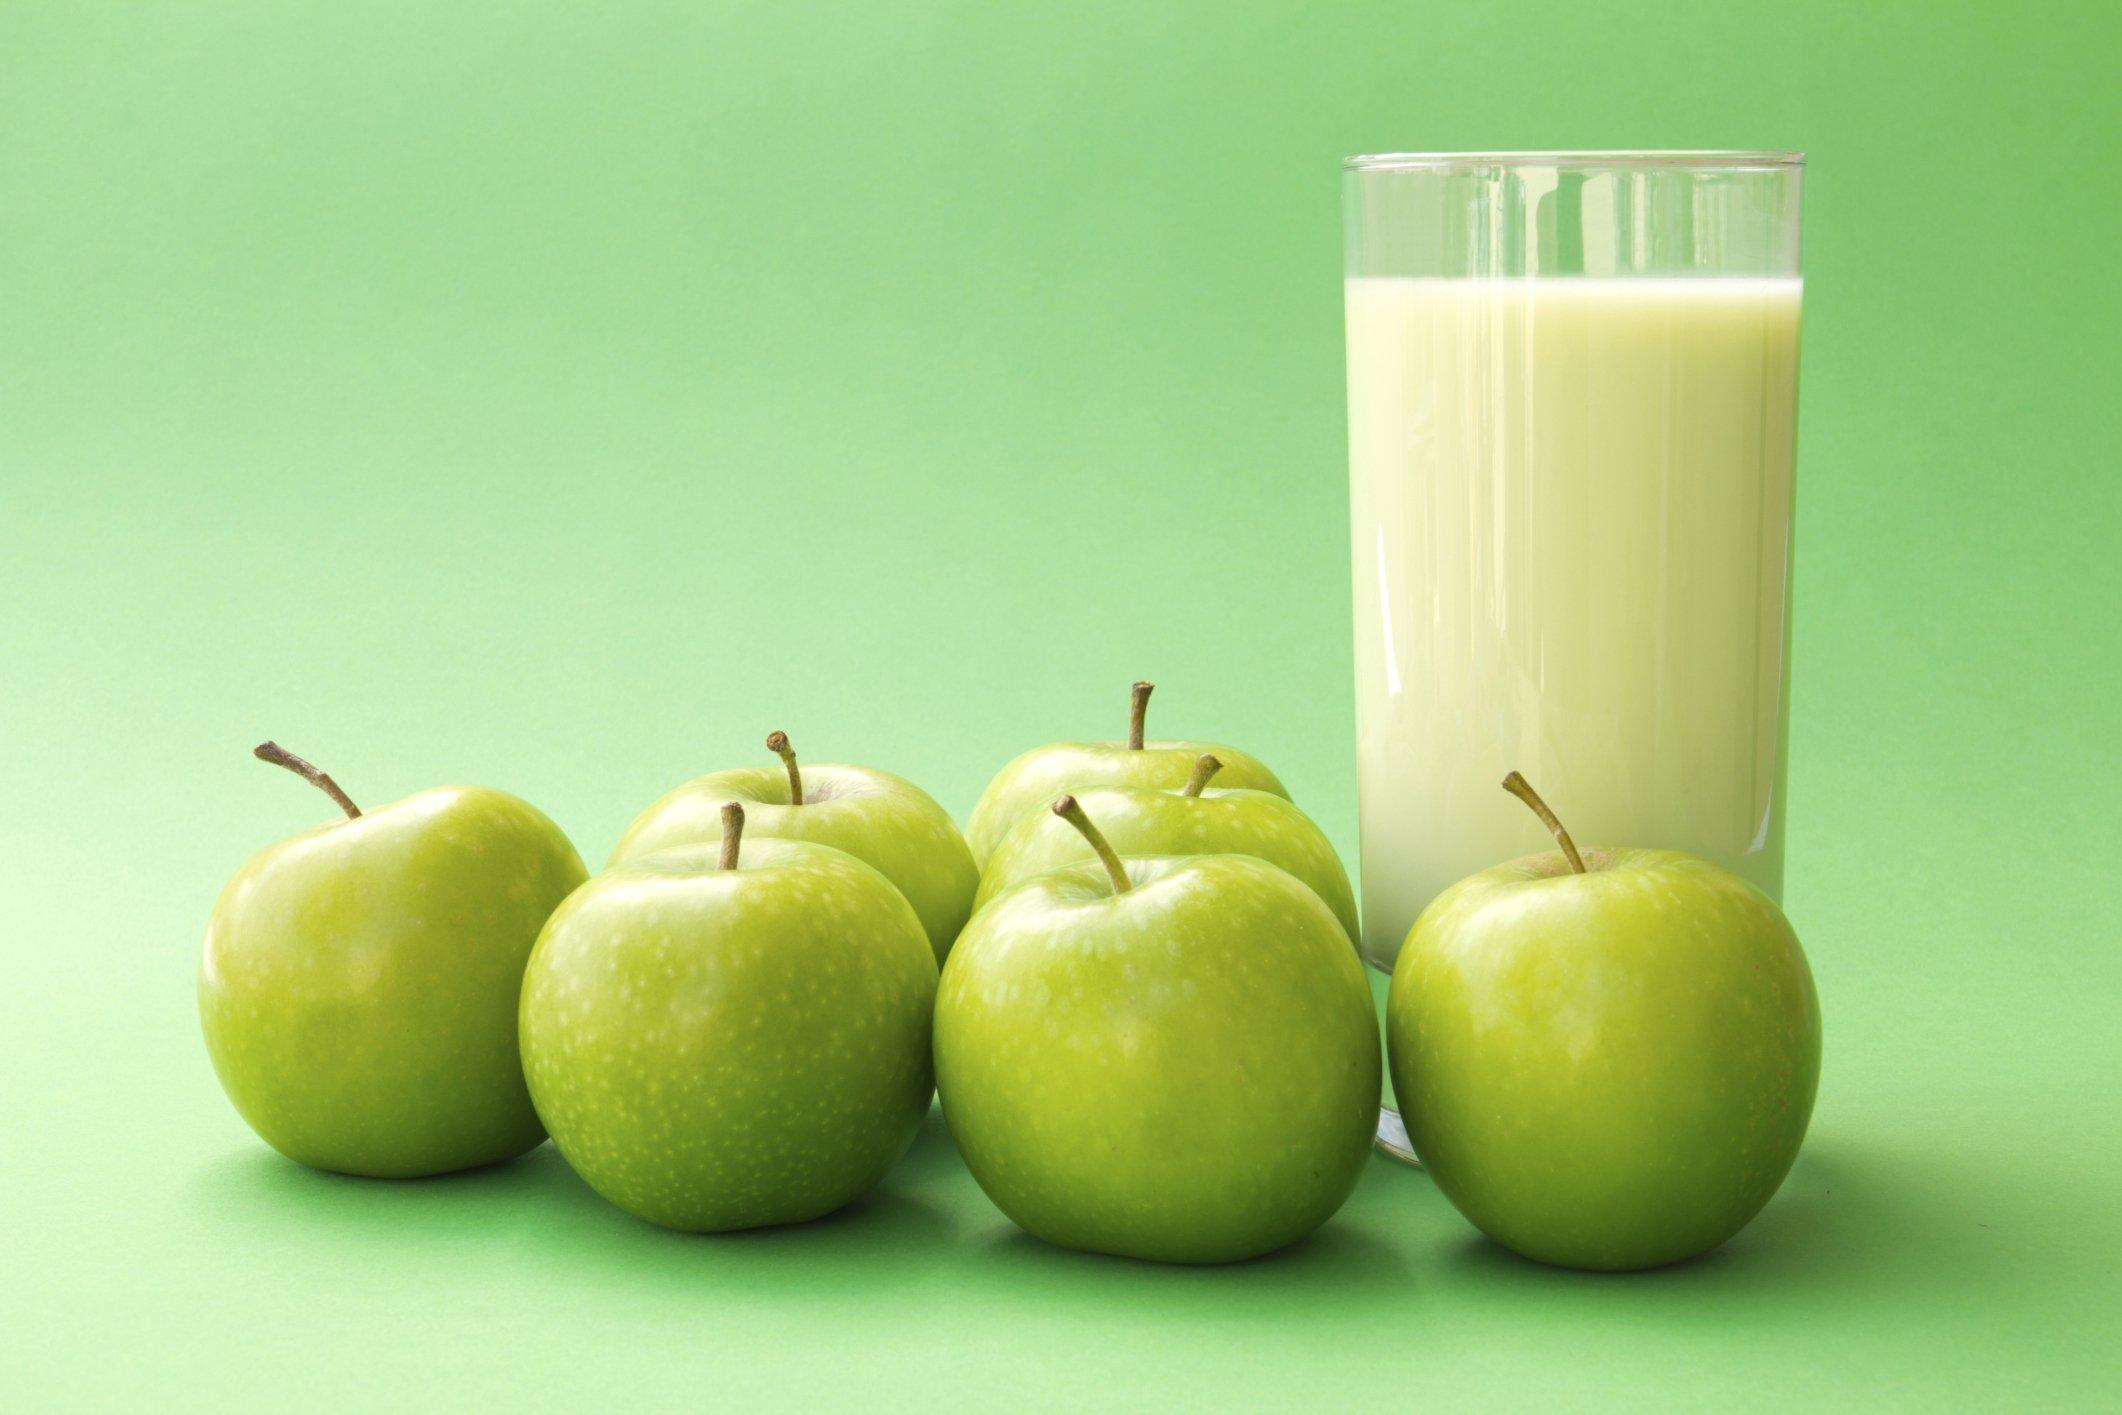 яблоко и кефир для похудения отзывы